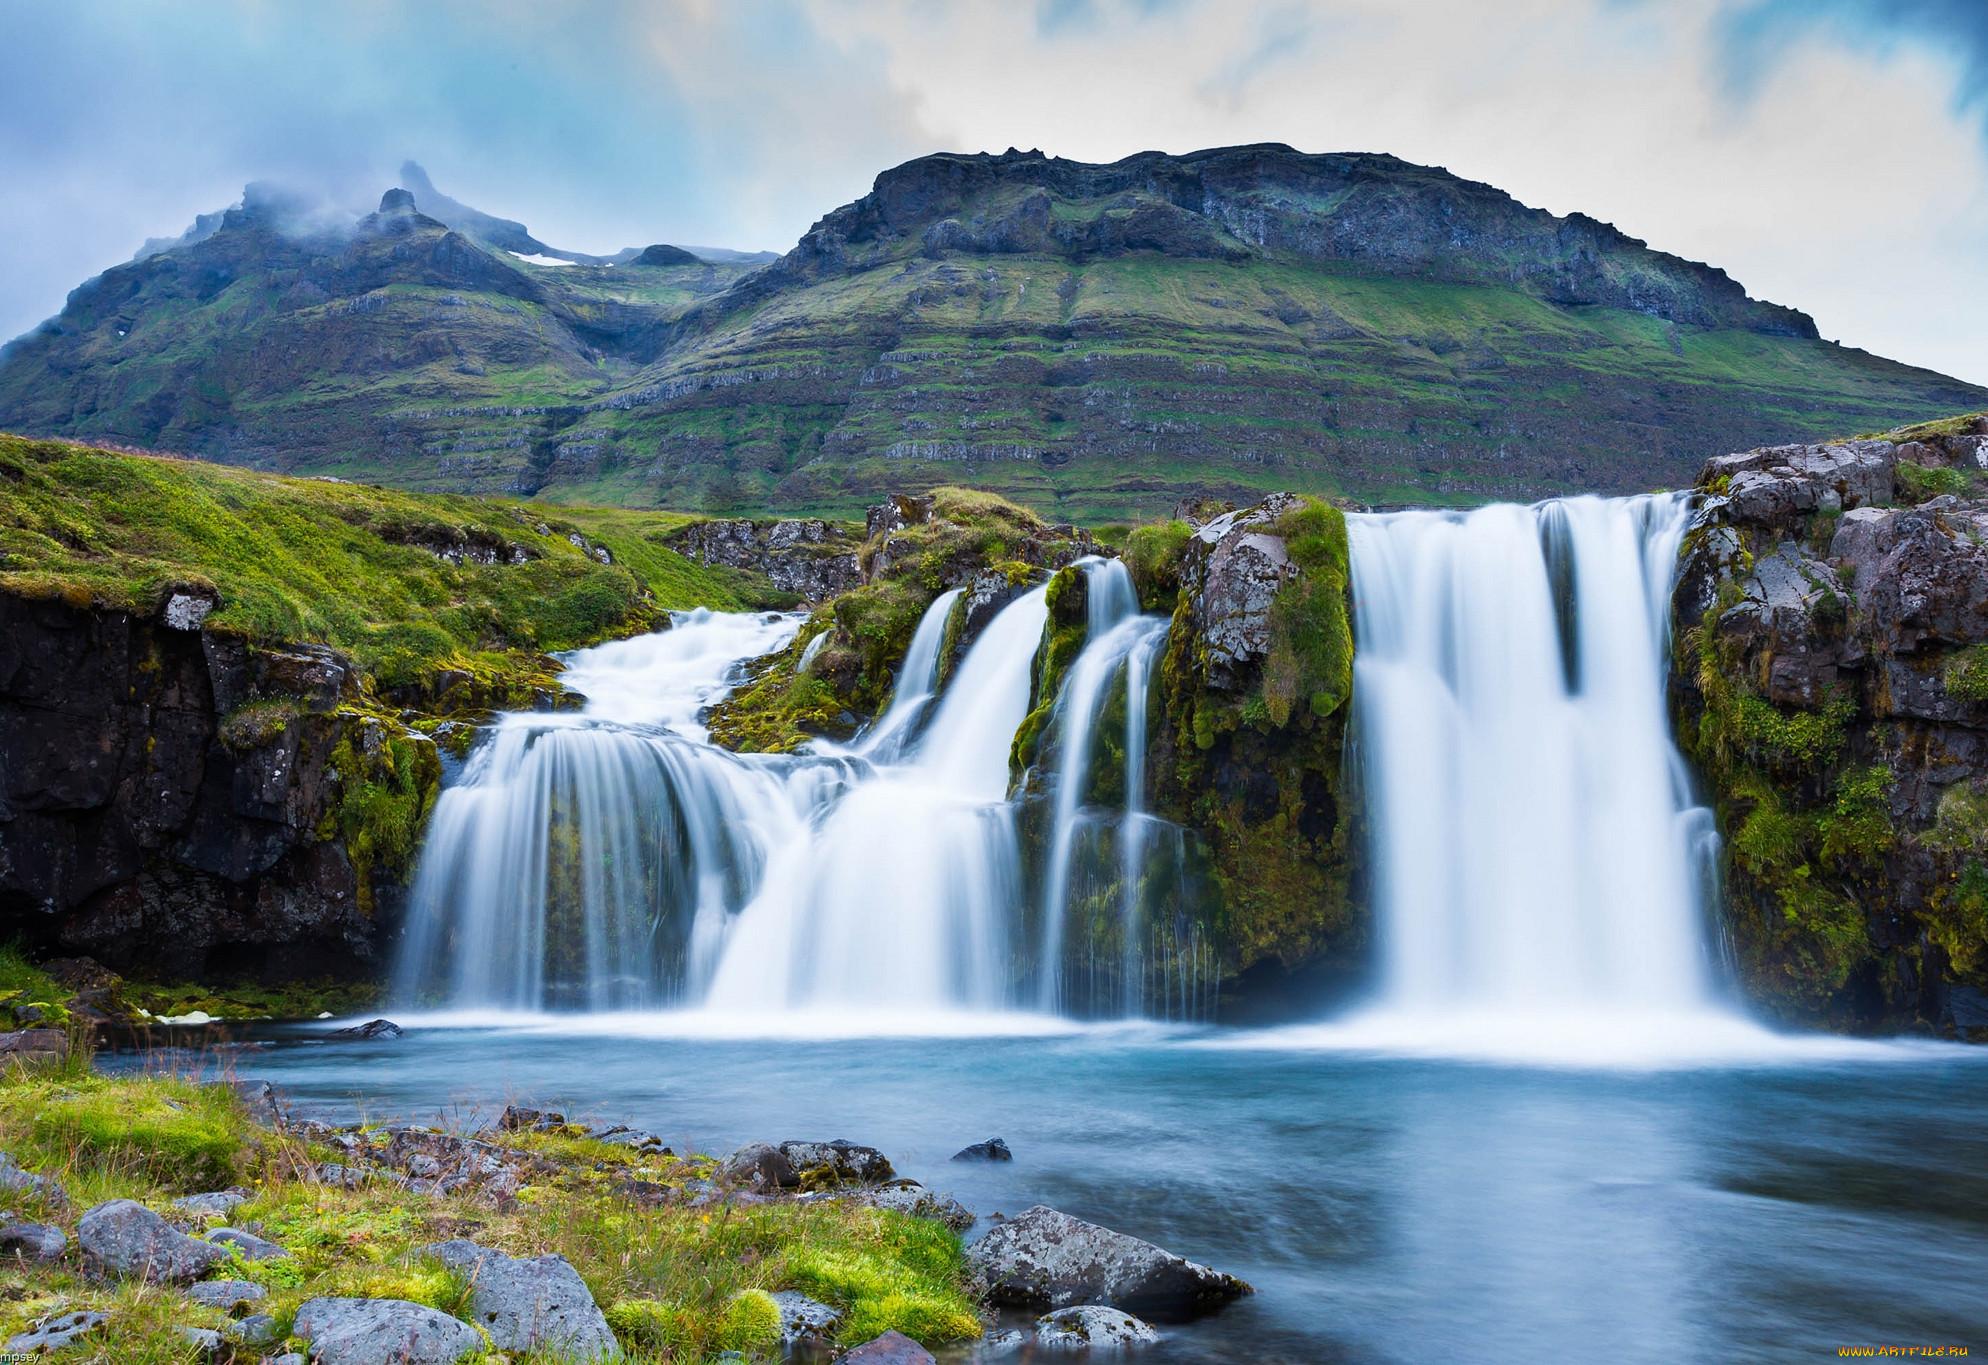 картинка на рабочий стол горы с водопадом цвет вмф